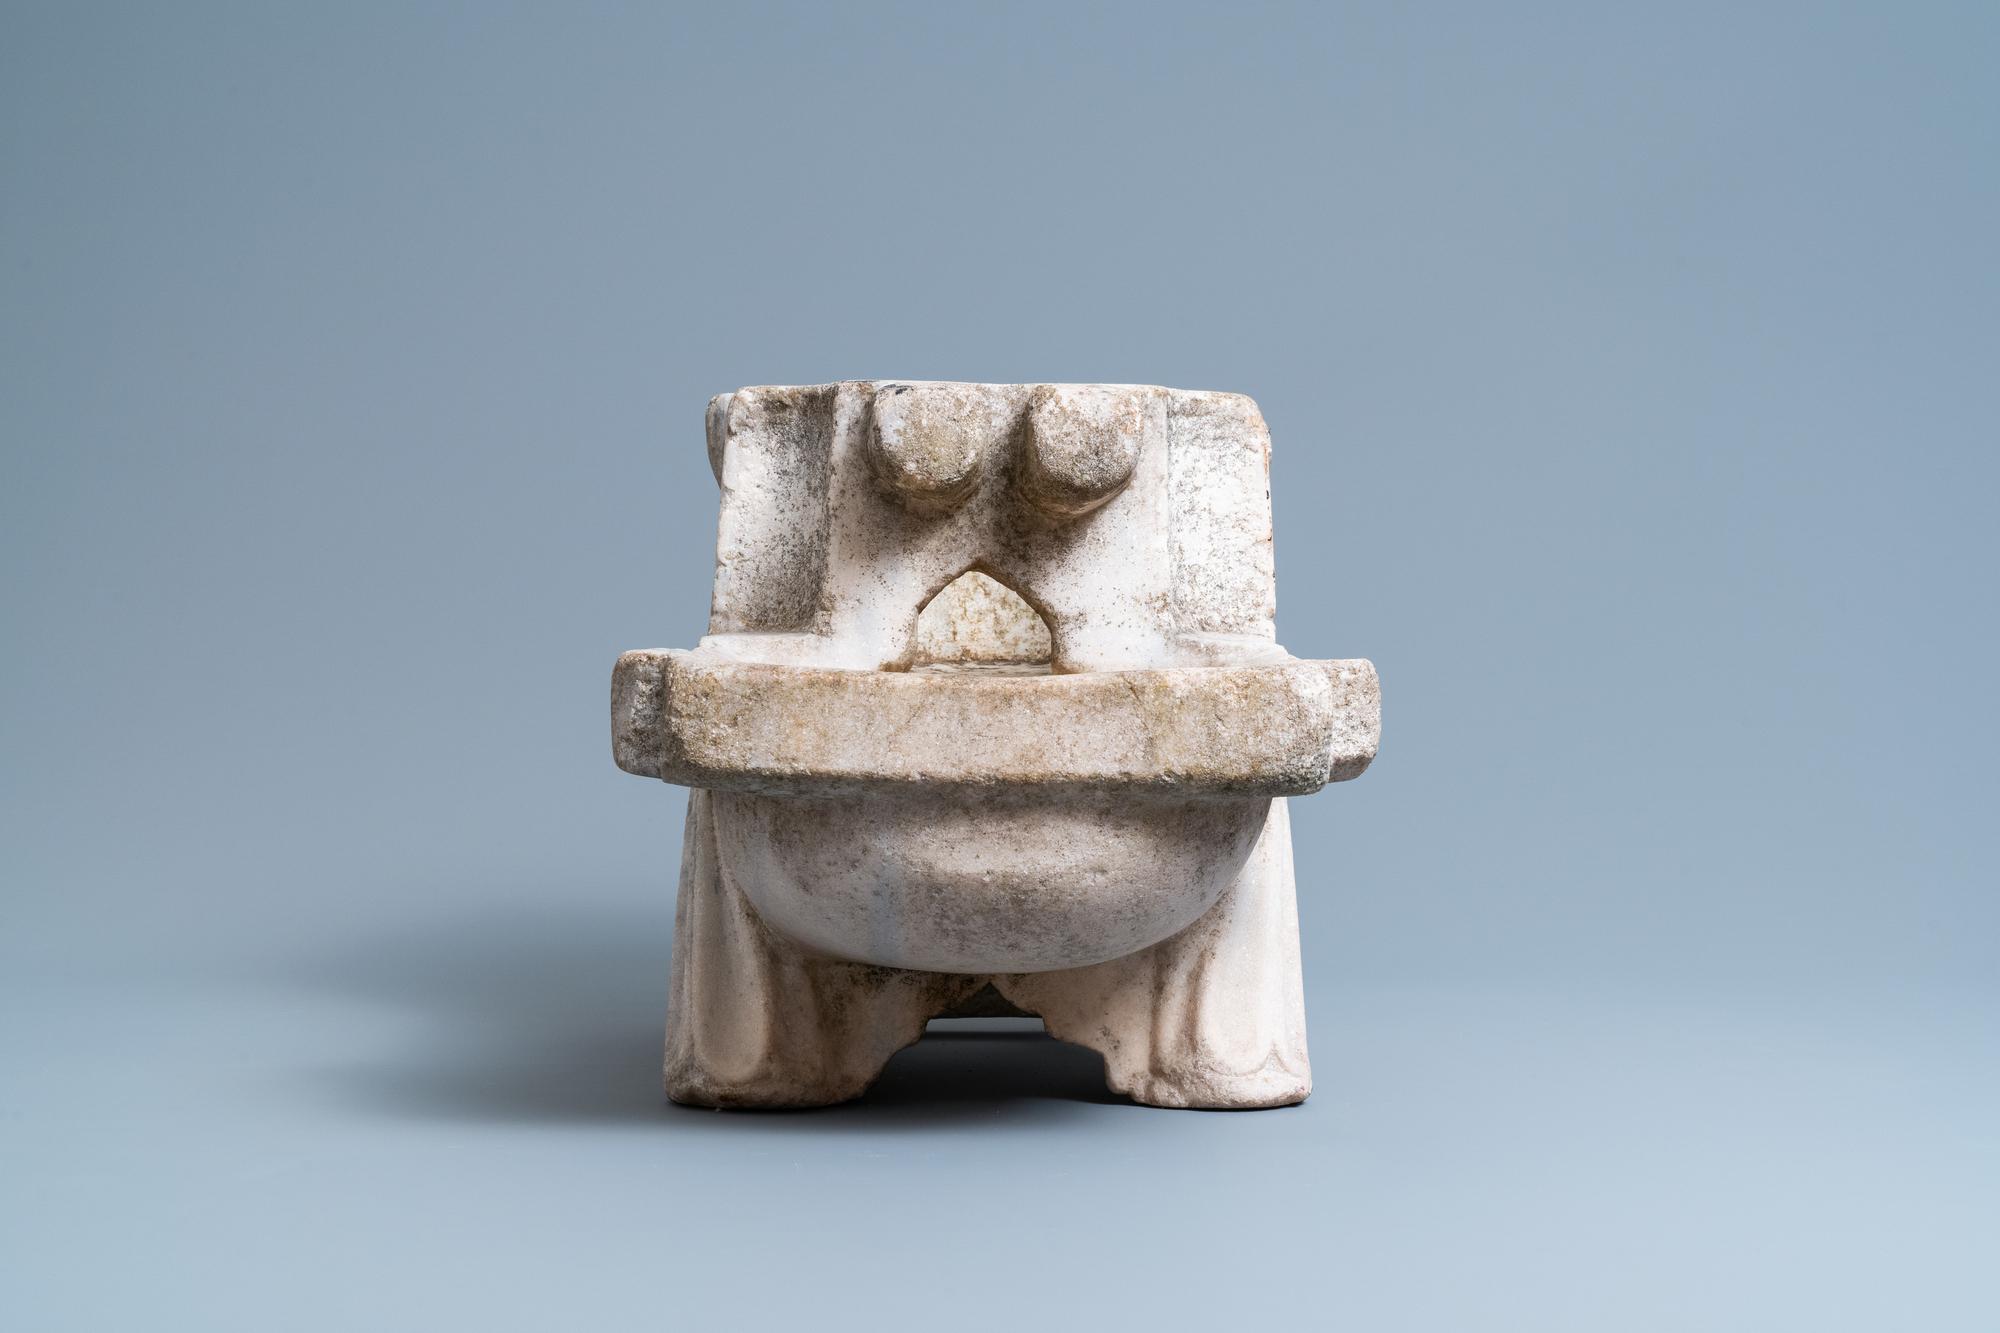 A Fatimid marble kilga, Egypt, 11/12th C. - Image 5 of 7